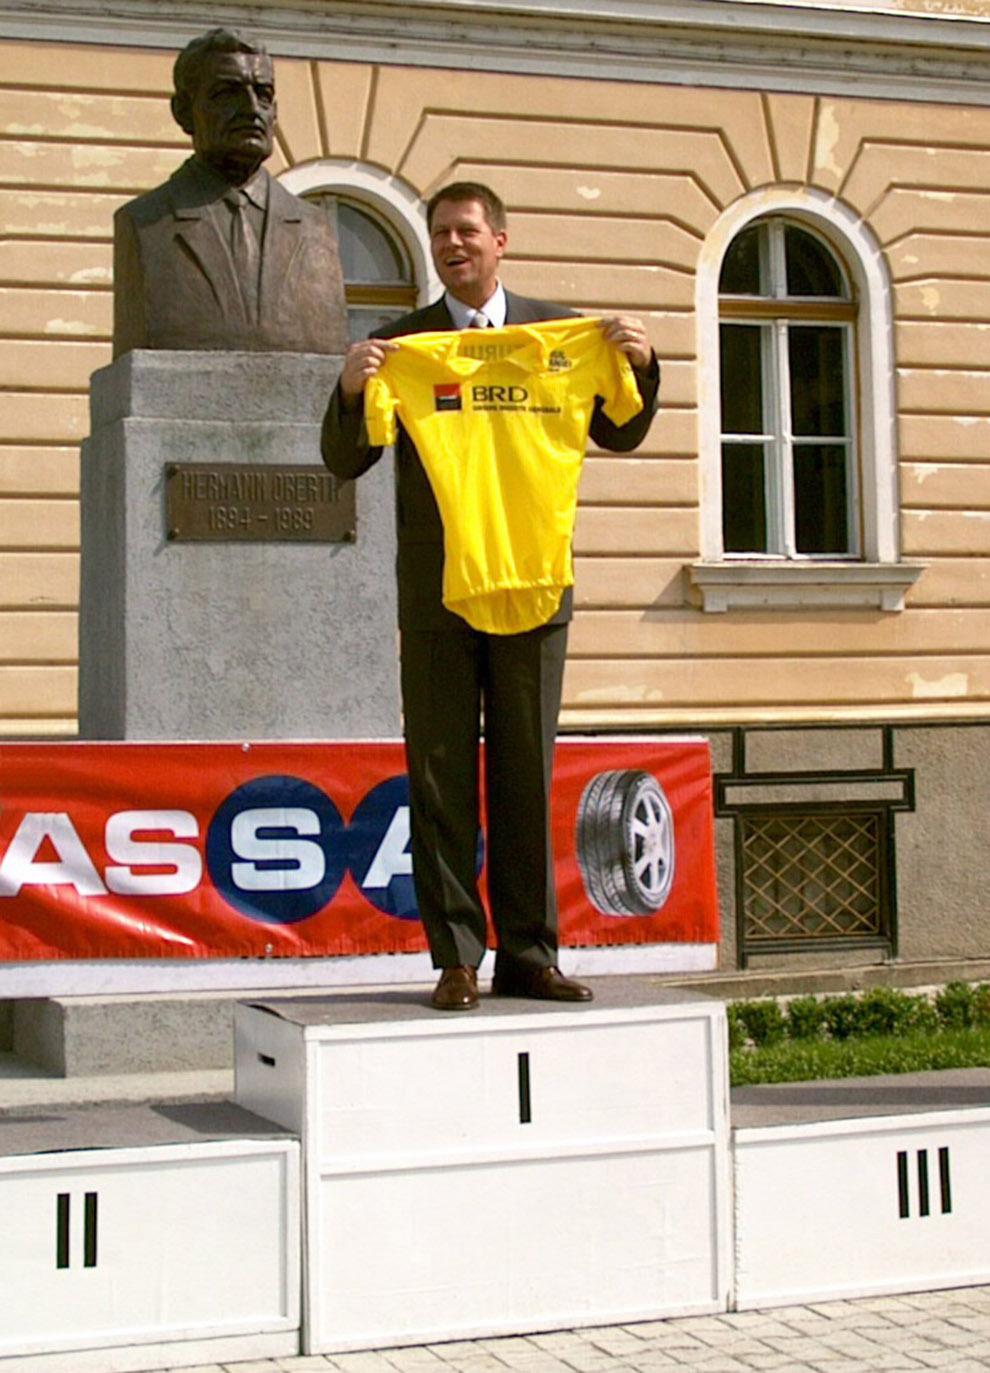 Klaus Iohannis primeste din partea caravanei Turului ciclist al României, tricoul galben pentru cel mai bun primar din România, dupa ce a castigat alegerile fiind votat de peste 88 la sută dintre sibieni, miercuri, 9 iunie 2004.